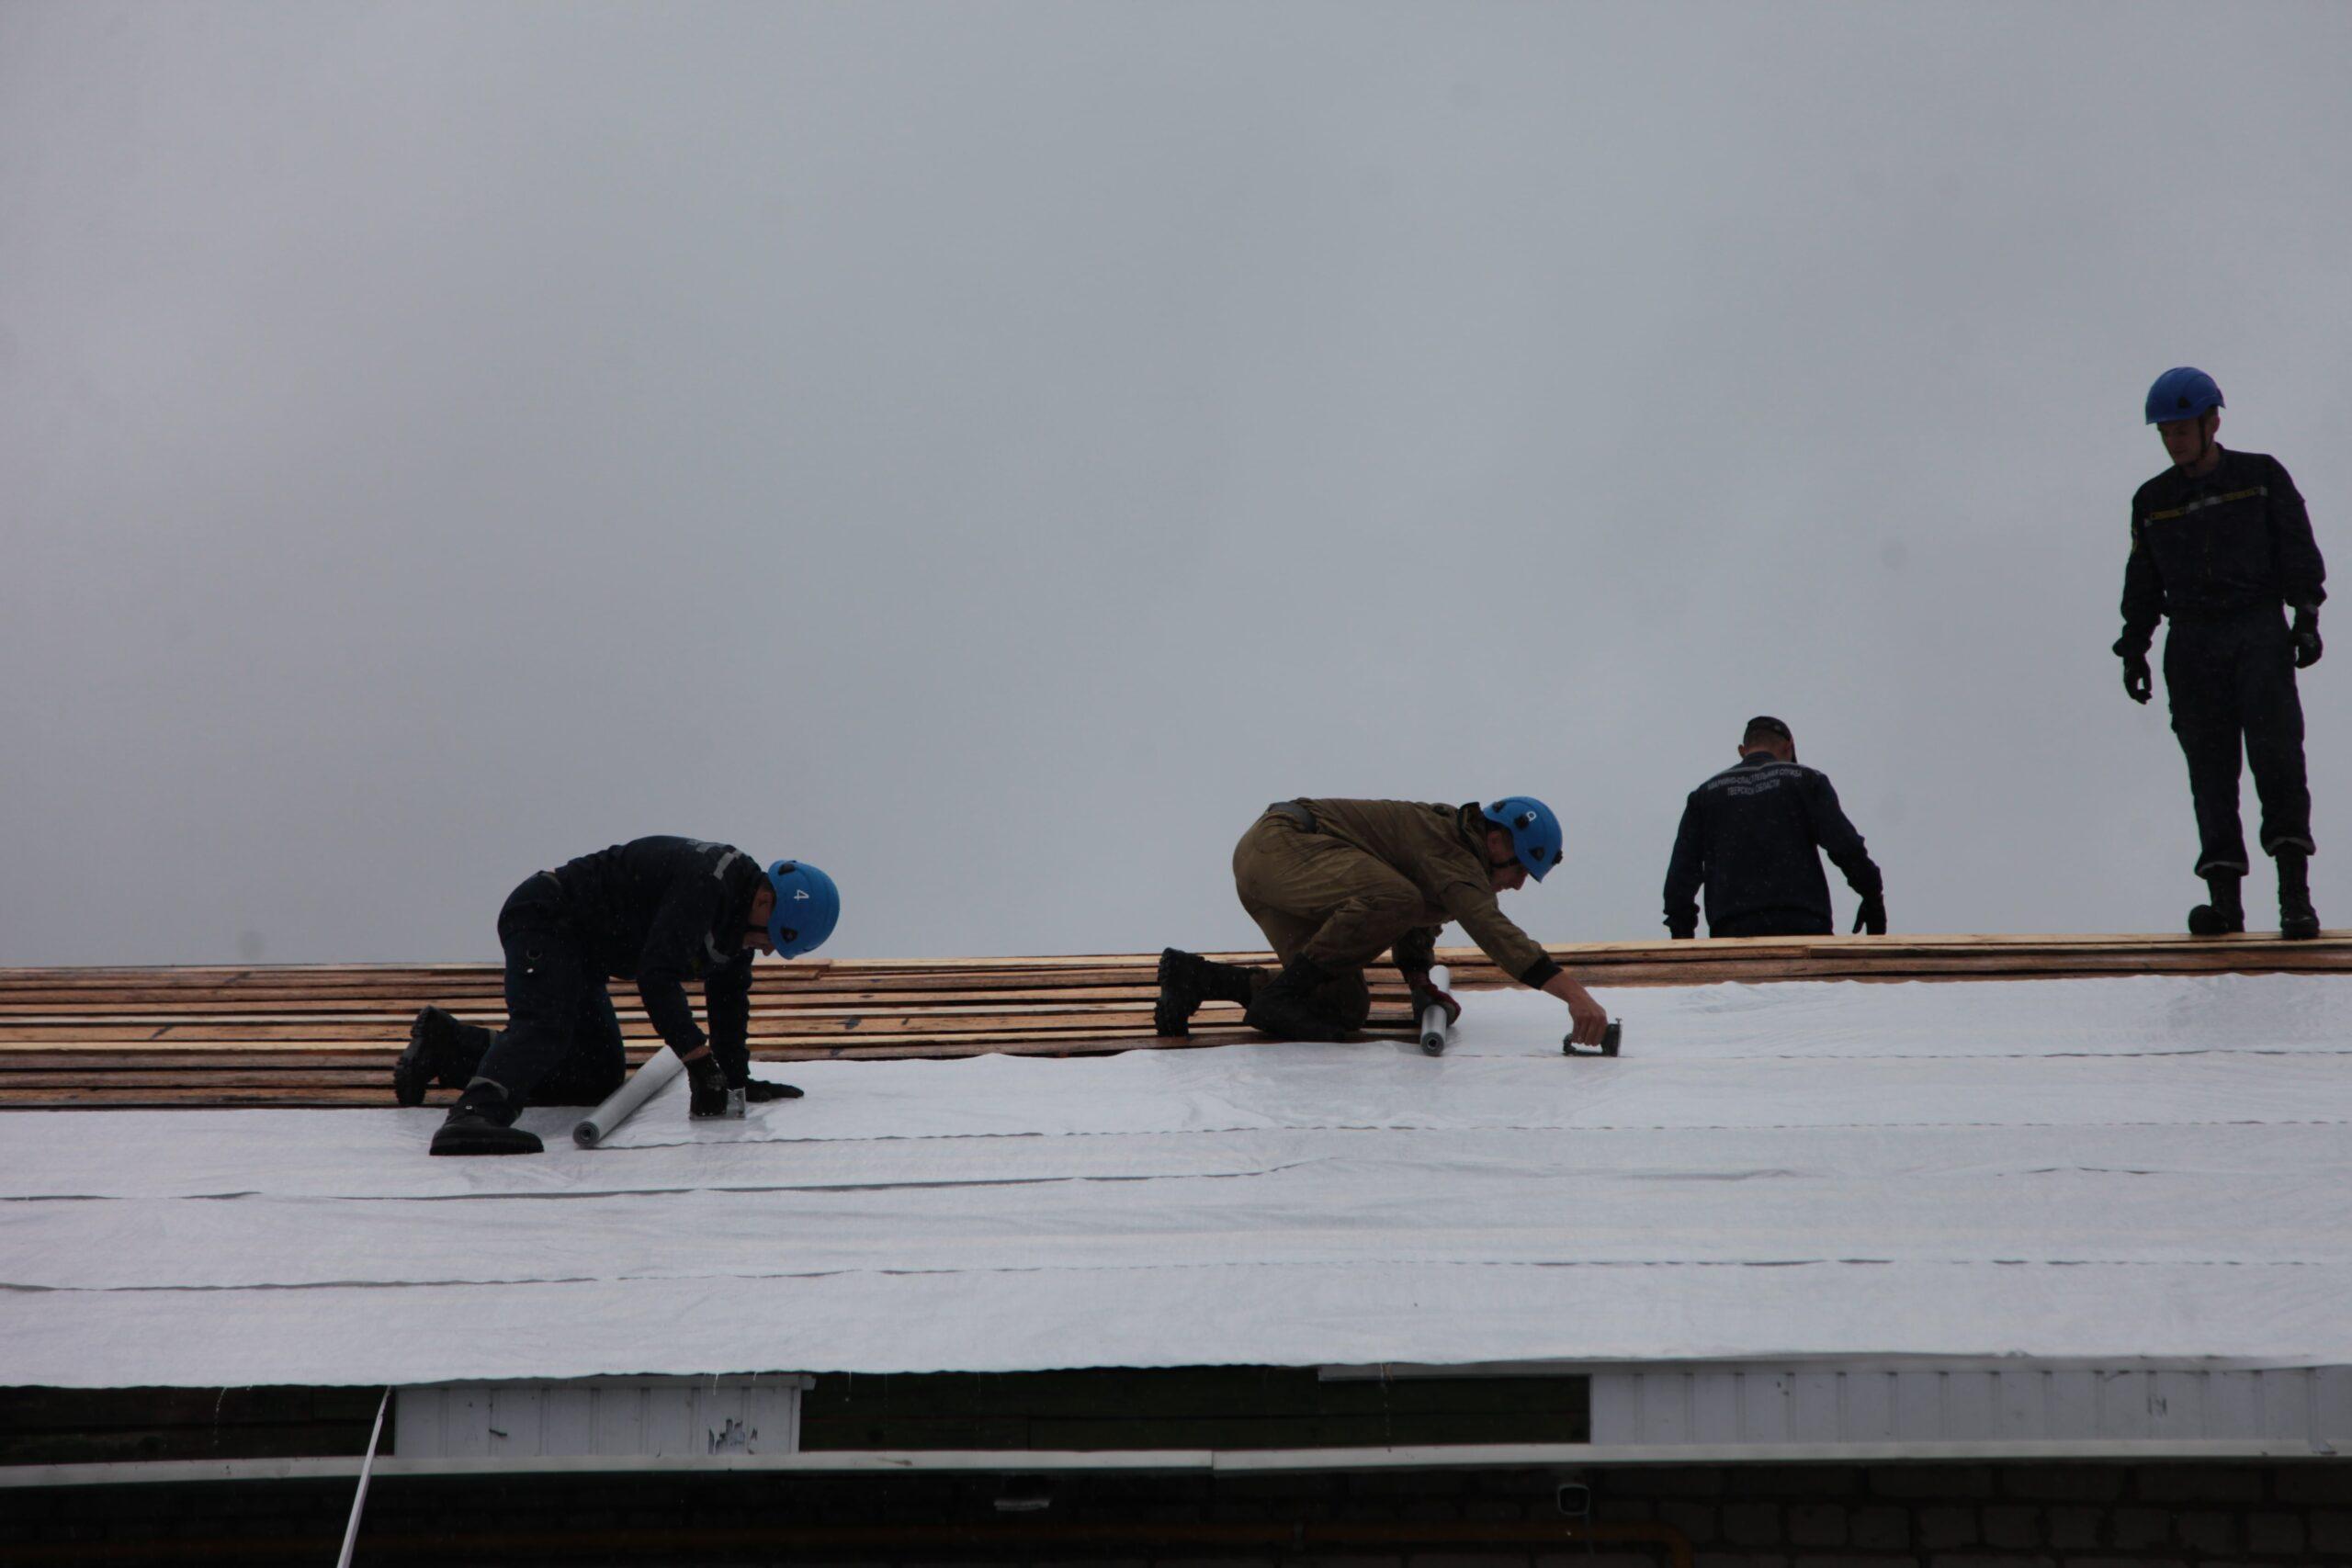 По поручению губернатора Игоря Рудени в Андреаполе помогают жителям, пострадавшим от урагана